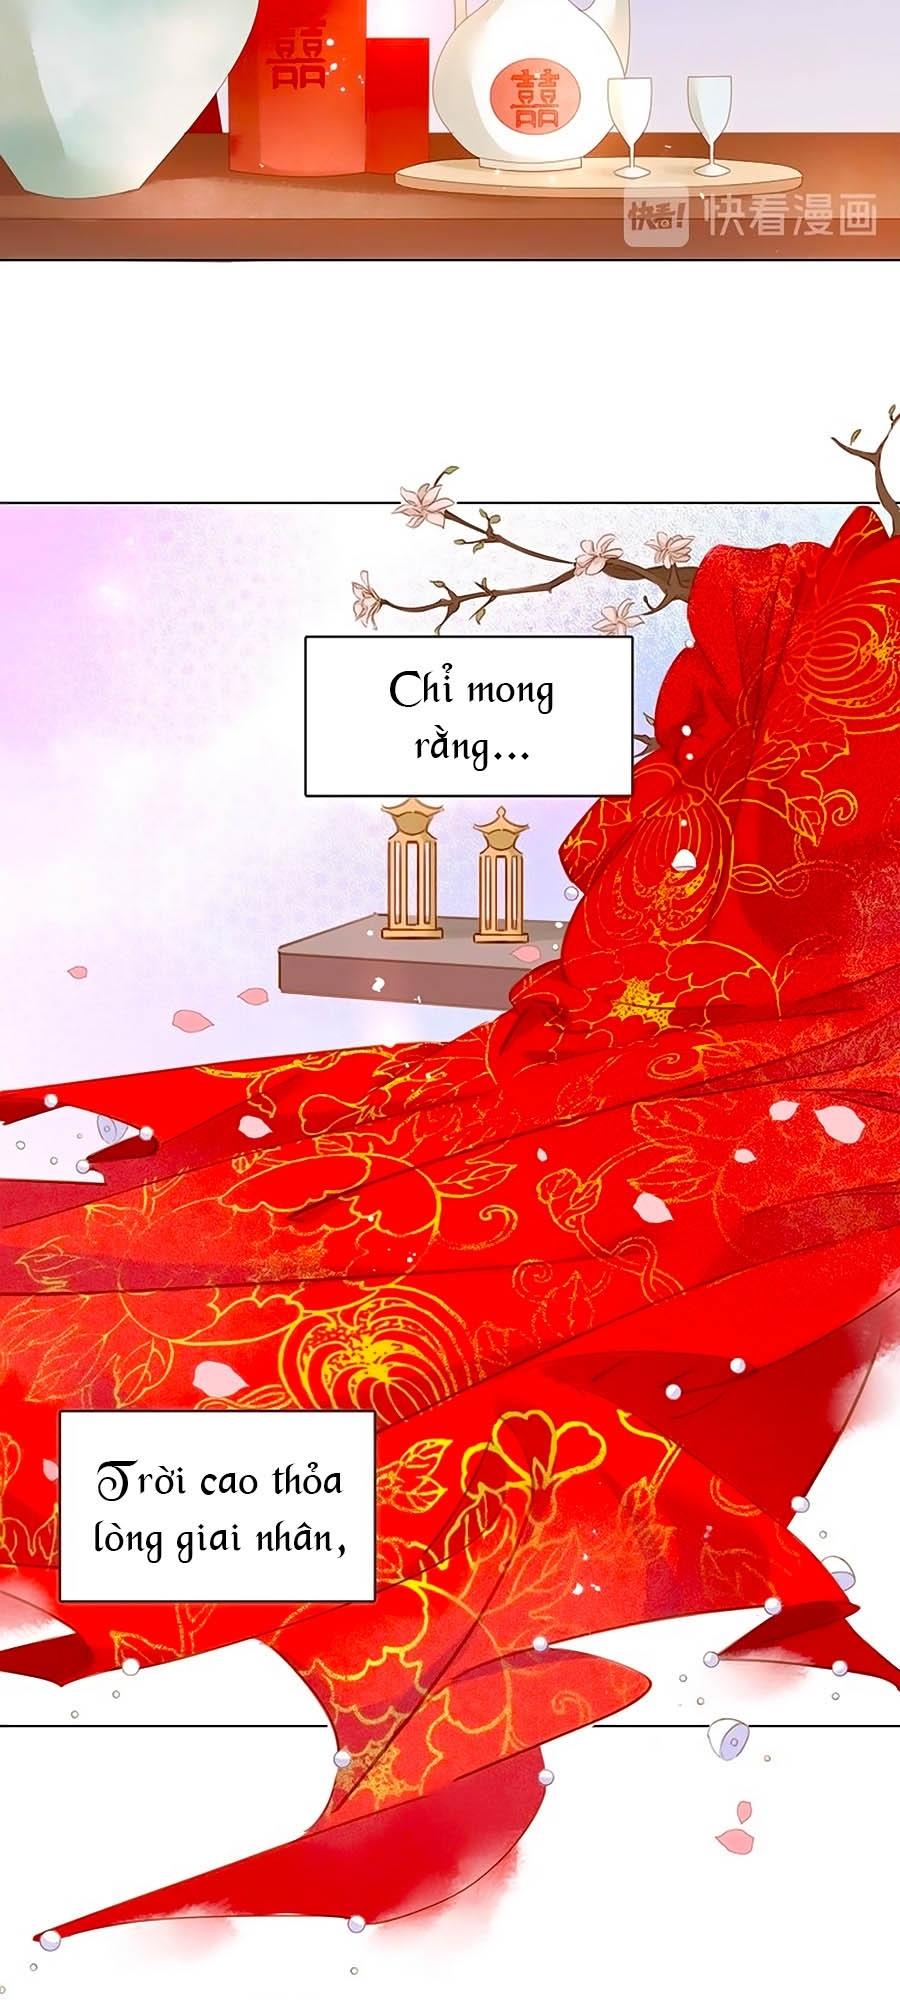 Tiểu sư phụ, tóc giả của ngài rơi rồi! chap 12 - Trang 46